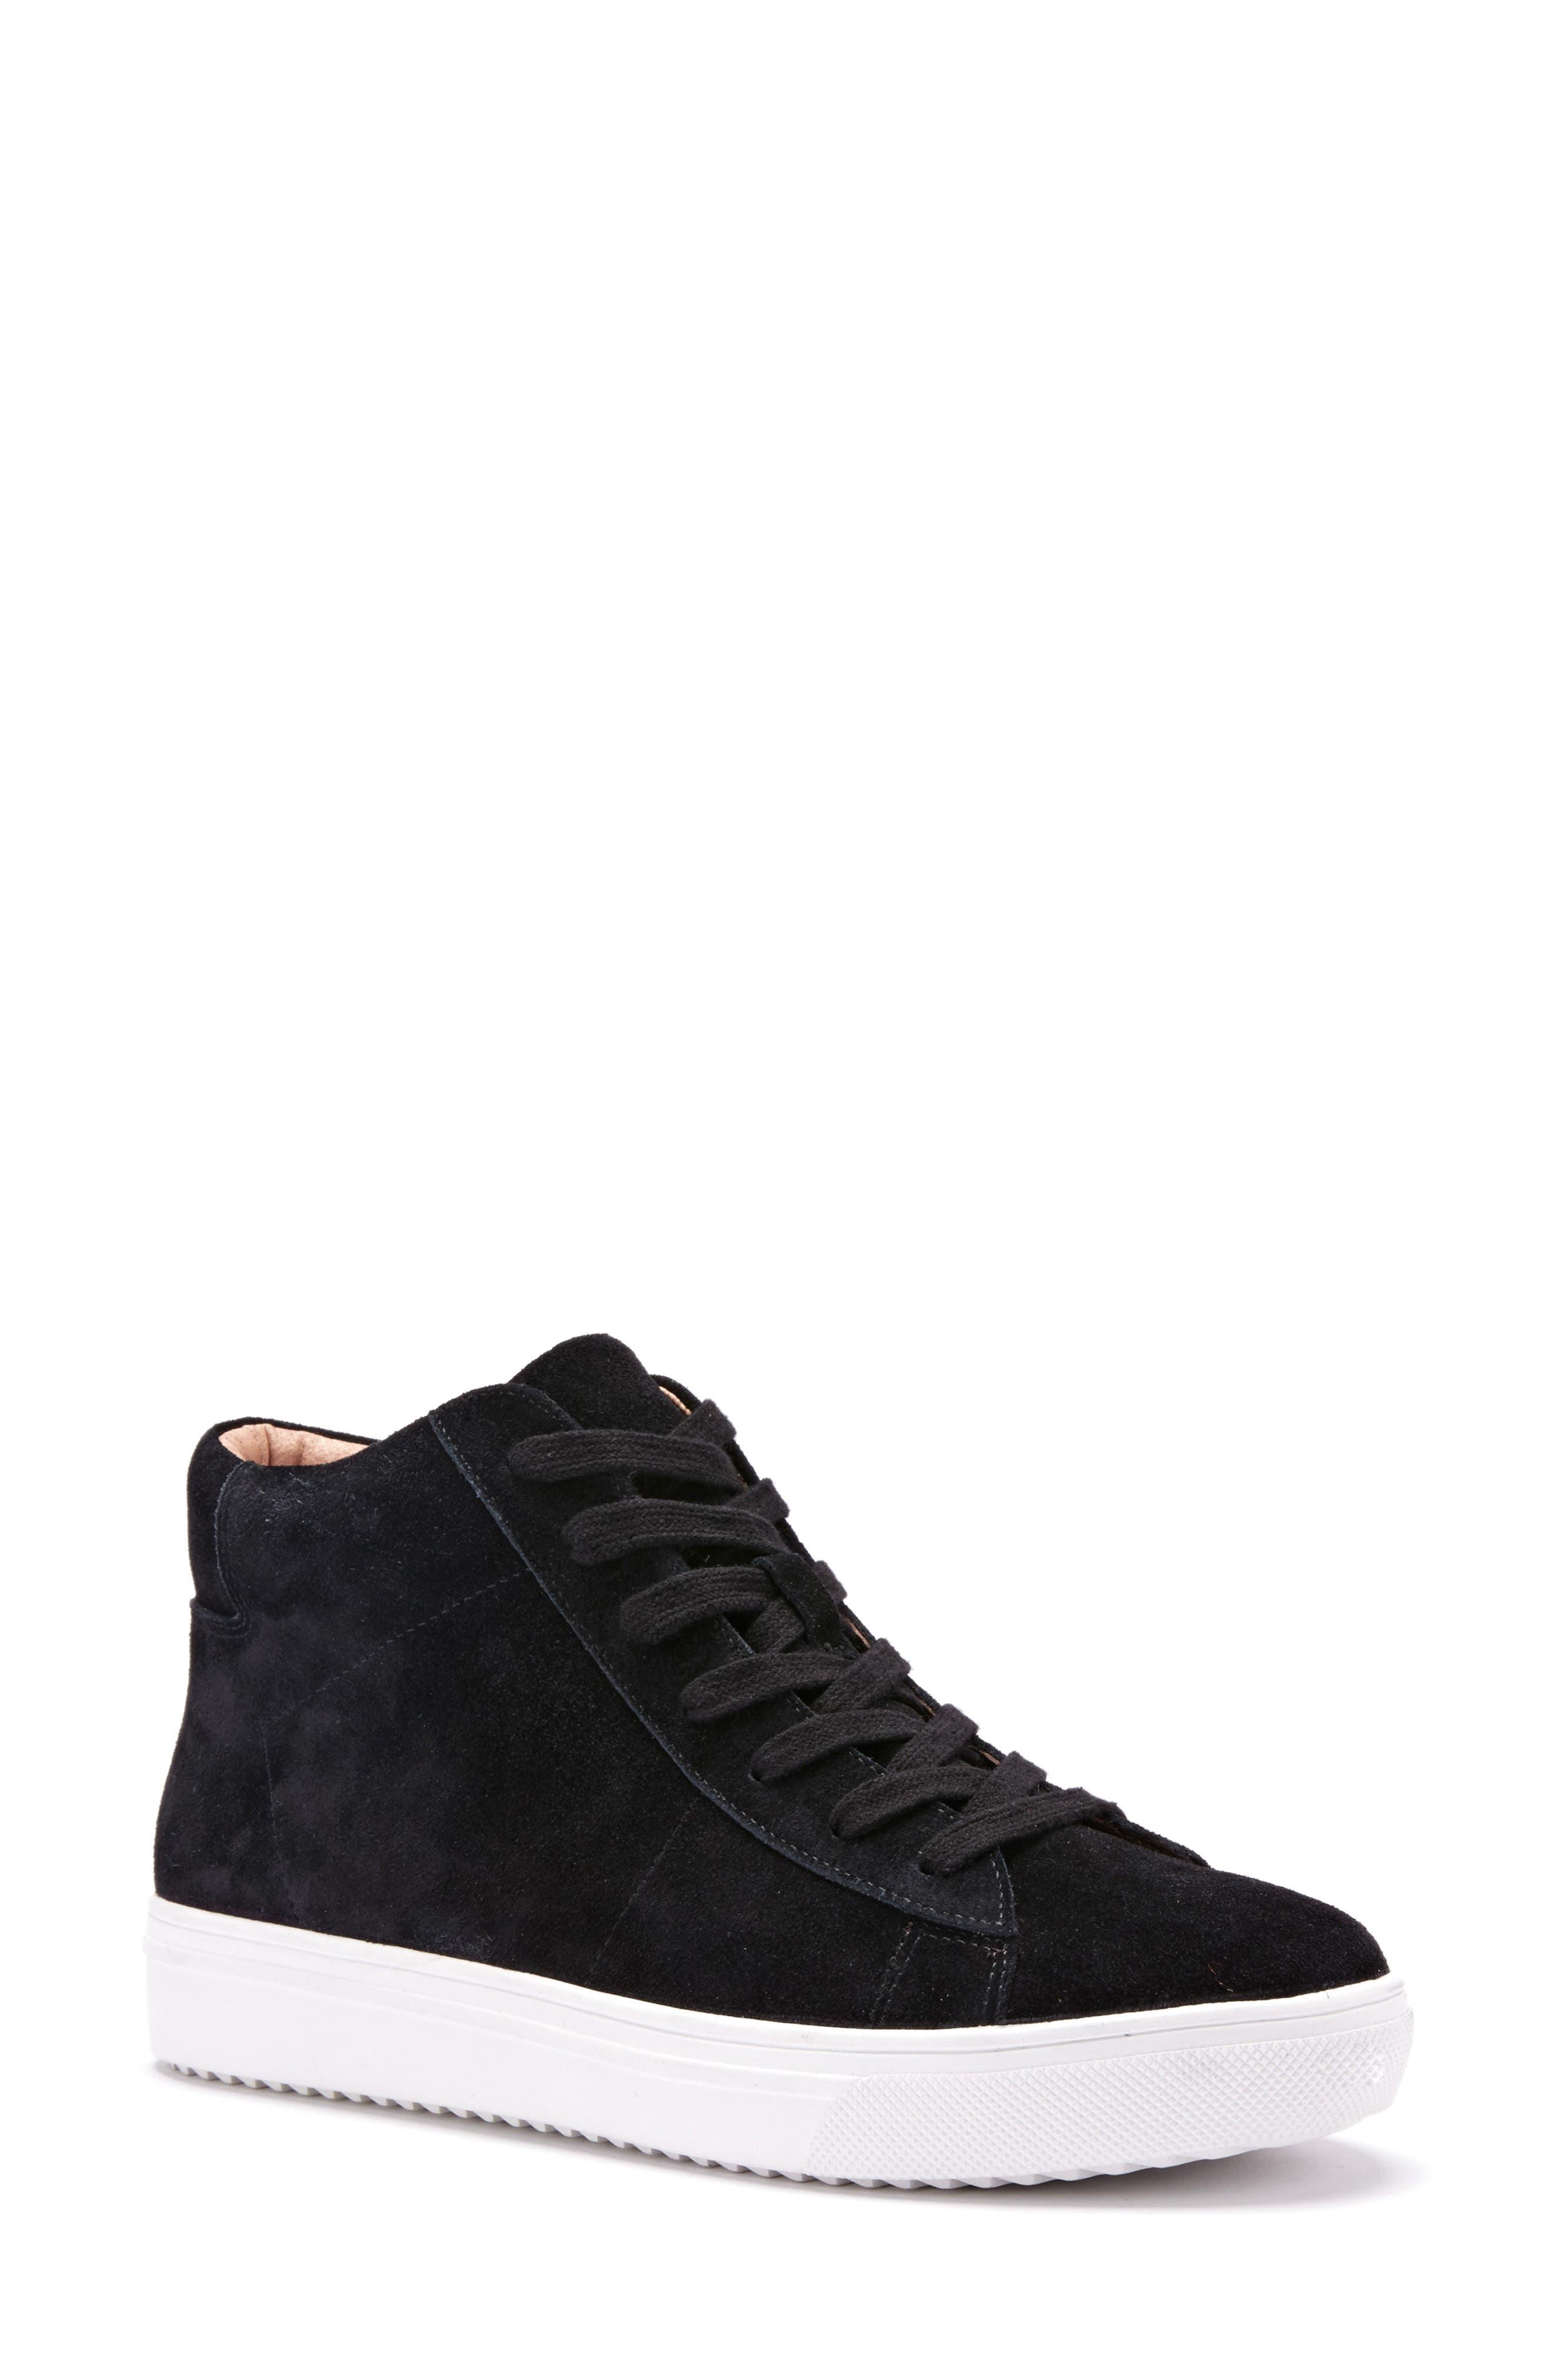 Jax Waterproof High Top Sneaker,                             Main thumbnail 1, color,                             Black Suede